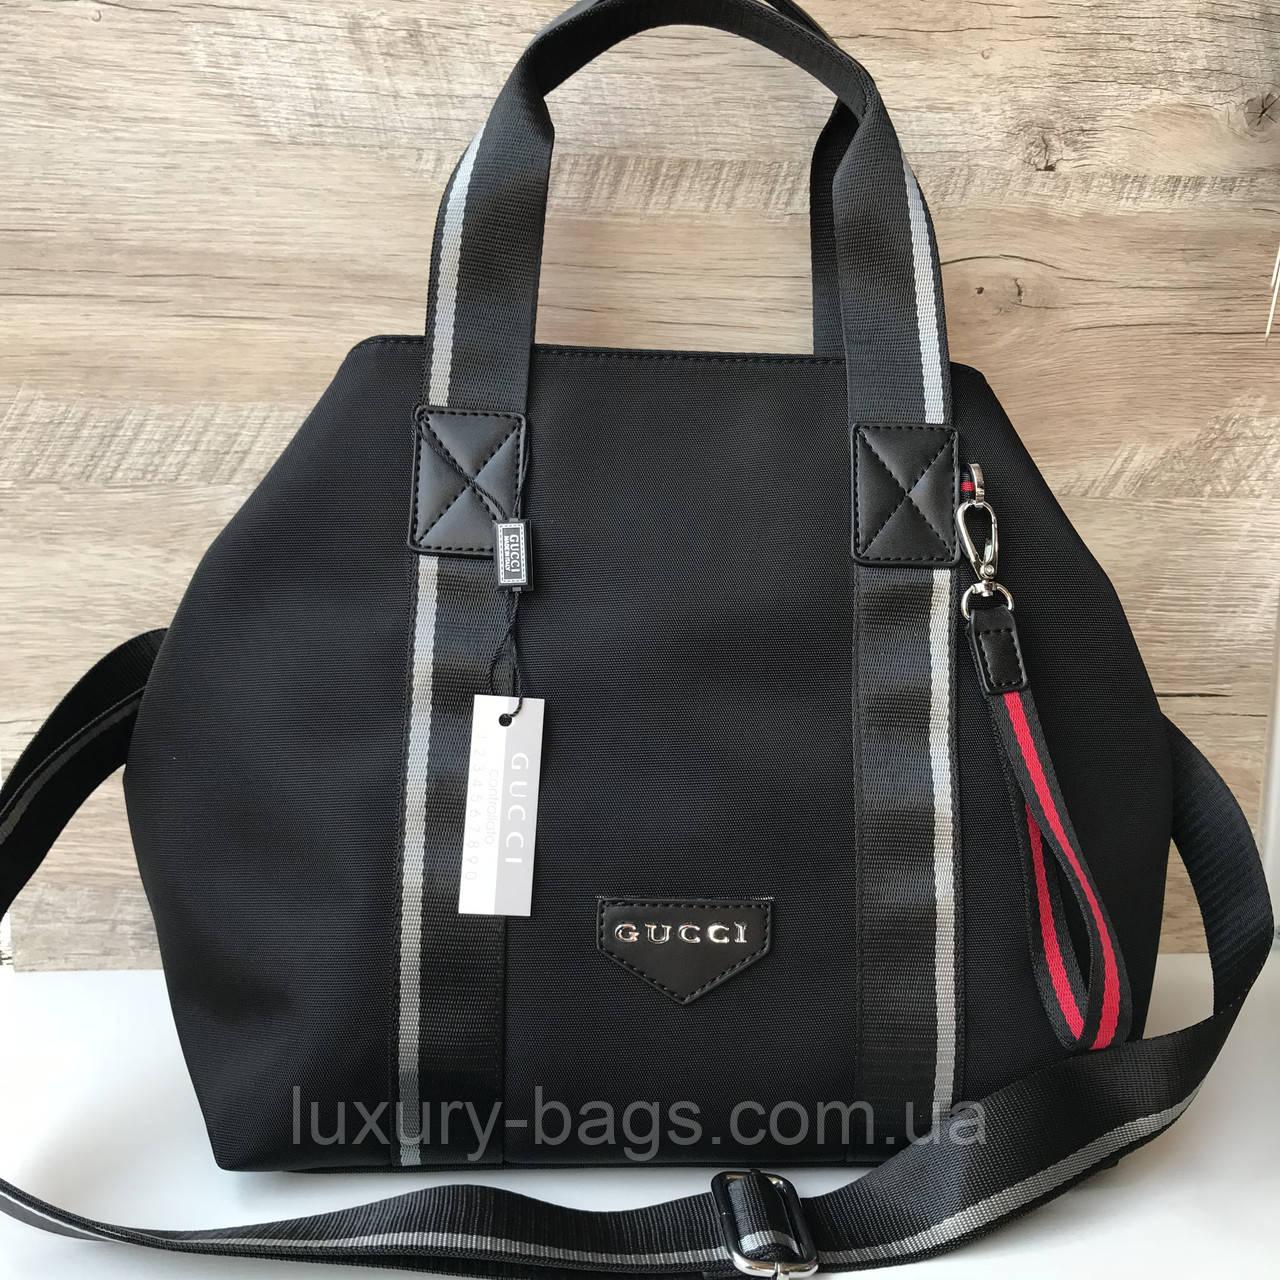 41cb45b4 Женская спортивная сумка Gucci Гуччи, цена 1 295 грн., купить в ...